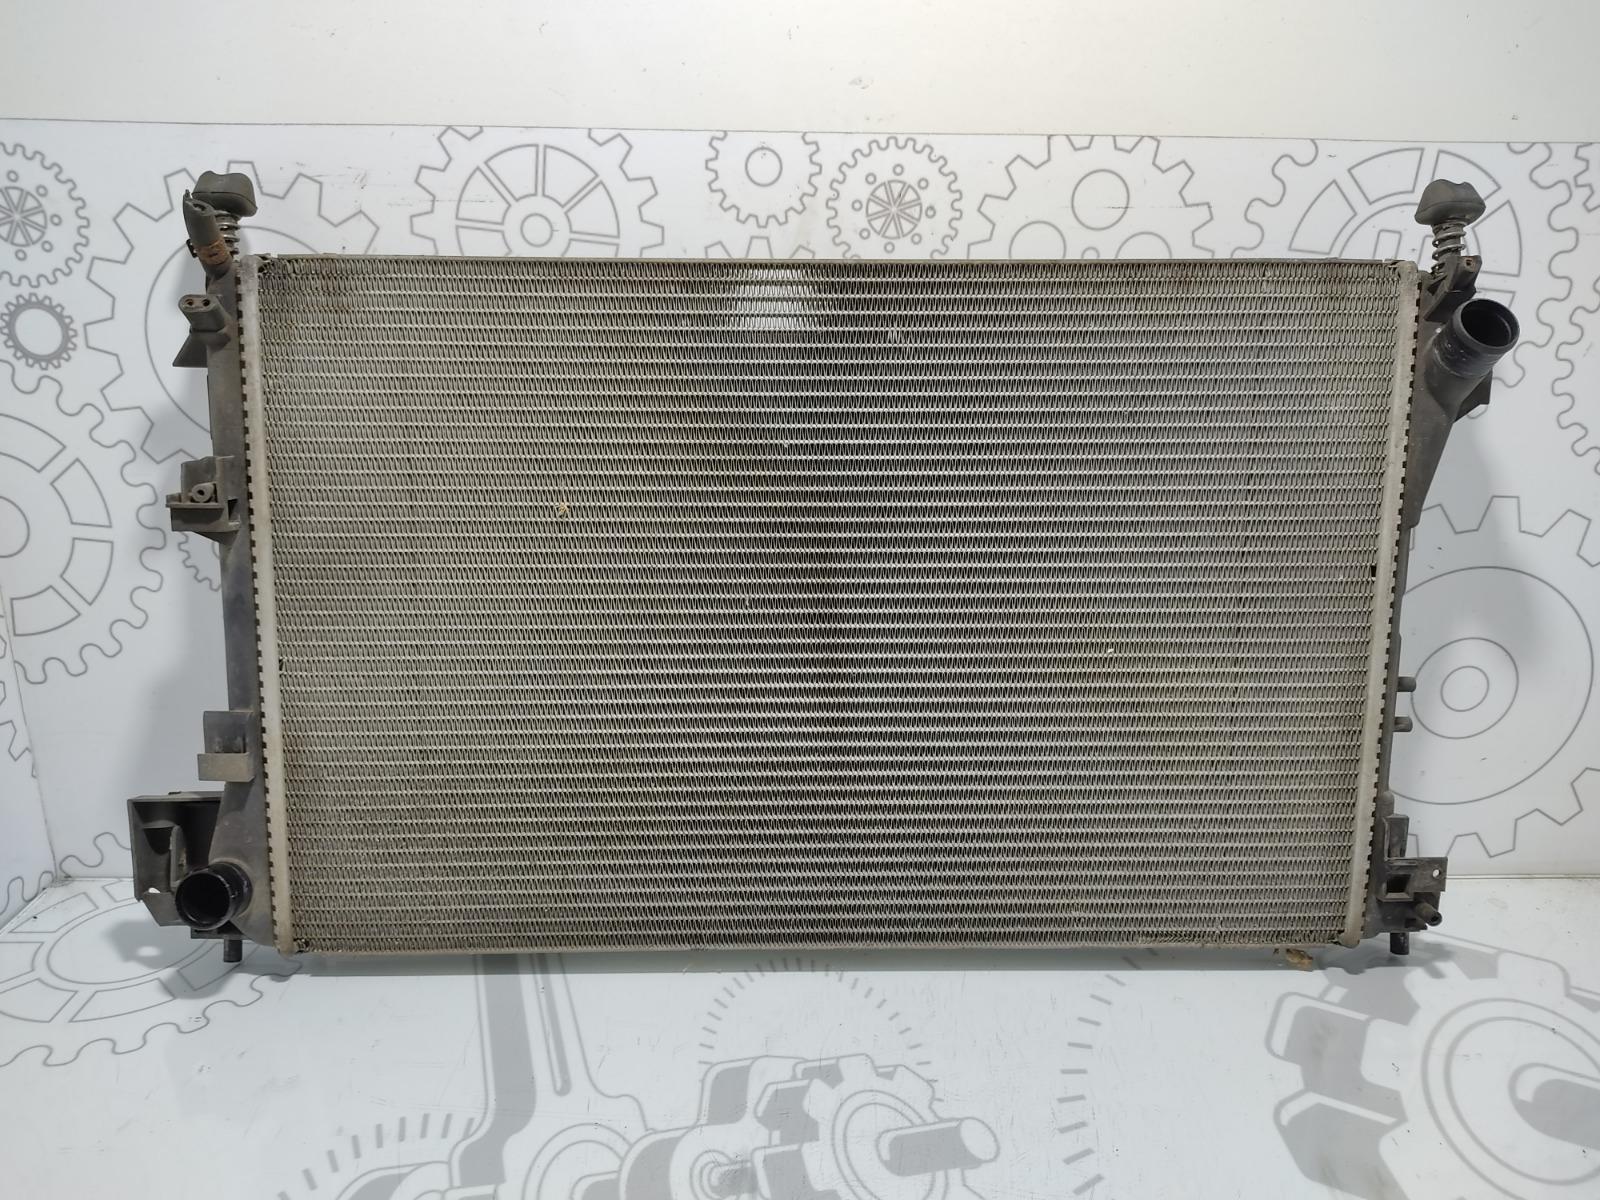 Радиатор (основной) Opel Vectra C 2.2 I 2002 (б/у)